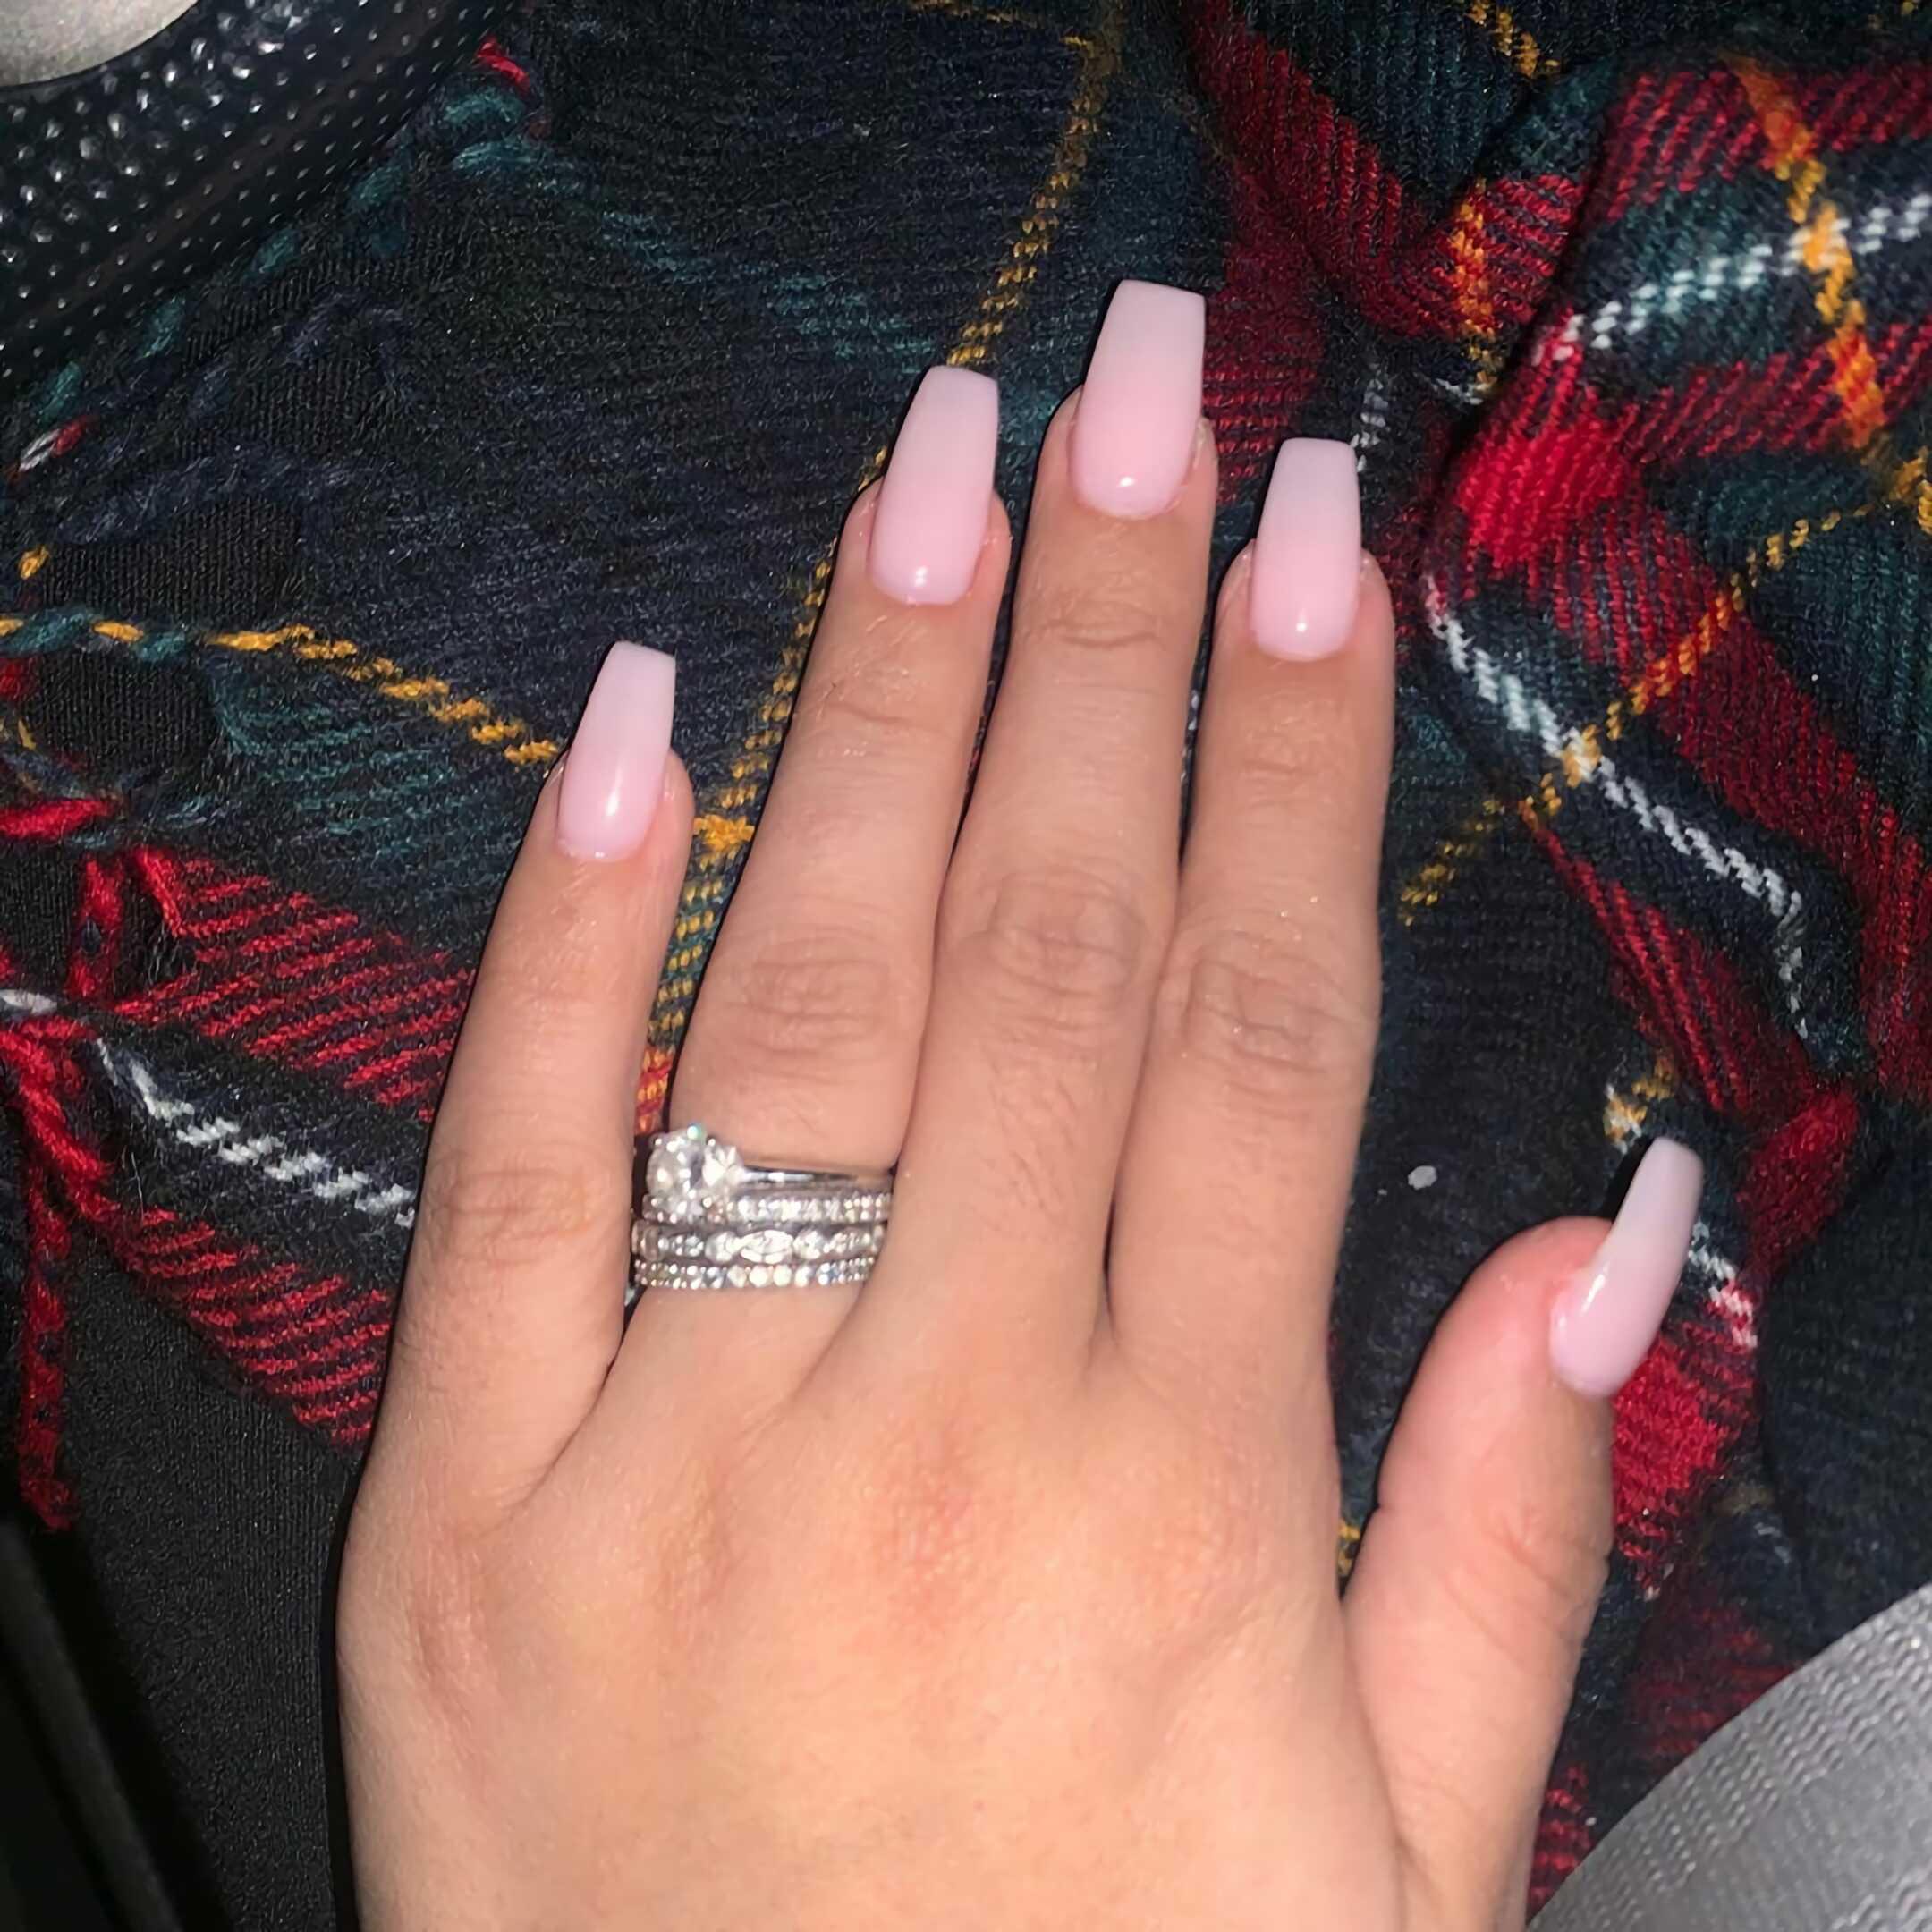 розовые овально-квадратные ногти